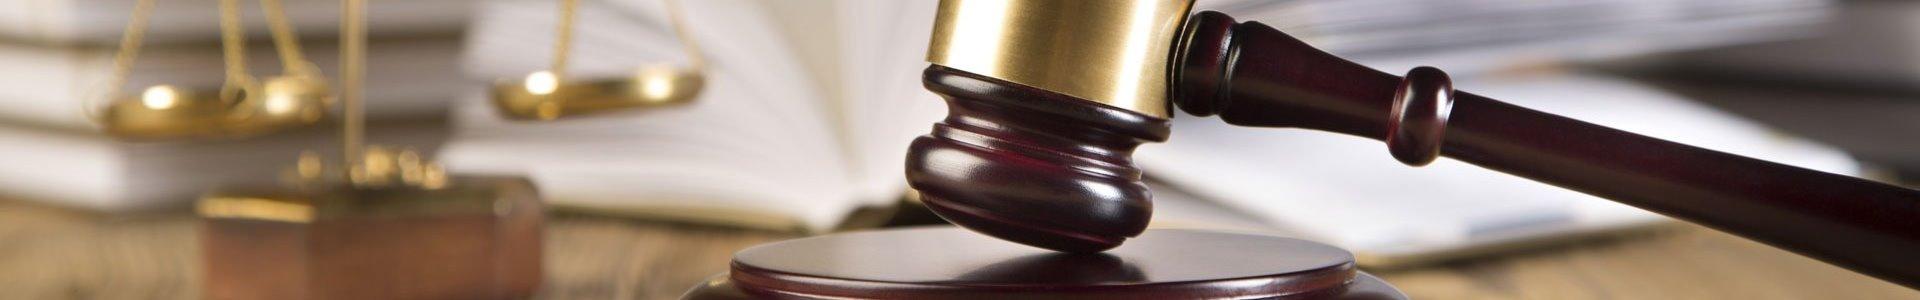 Профессиональная помощь по уголовным, гражданским и арбитражным делам